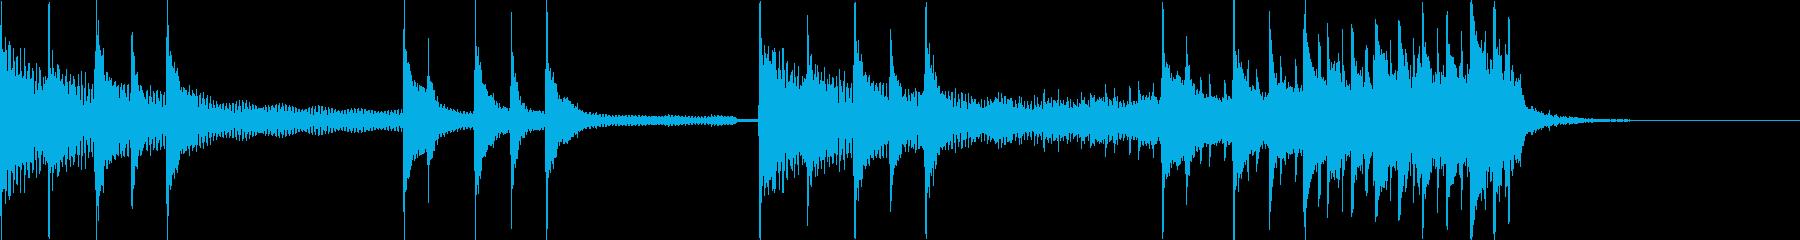 三味線+和太鼓+鼓 オープニングSEロゴの再生済みの波形